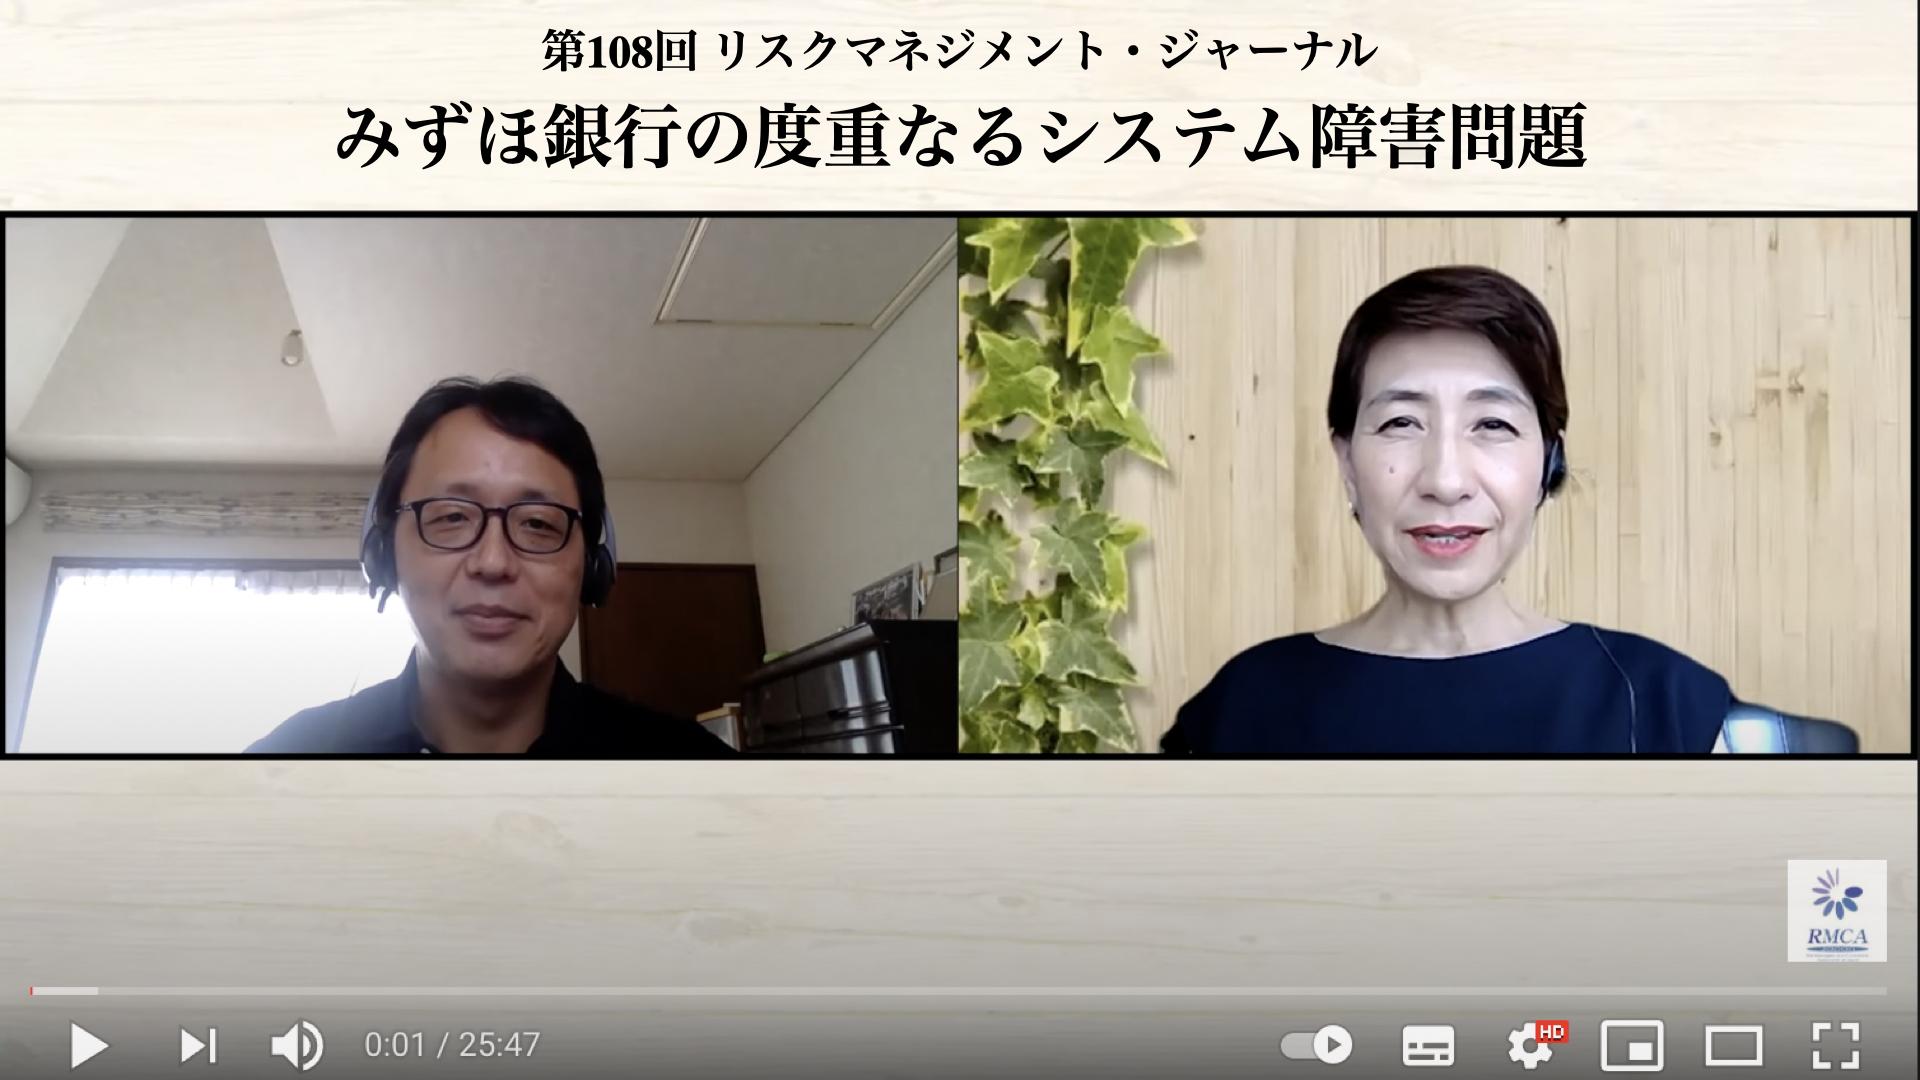 NPO法人日本リスクマネジャー&コンサルタント協会運営「RMCAチャンネル」に代表の荒木が出演